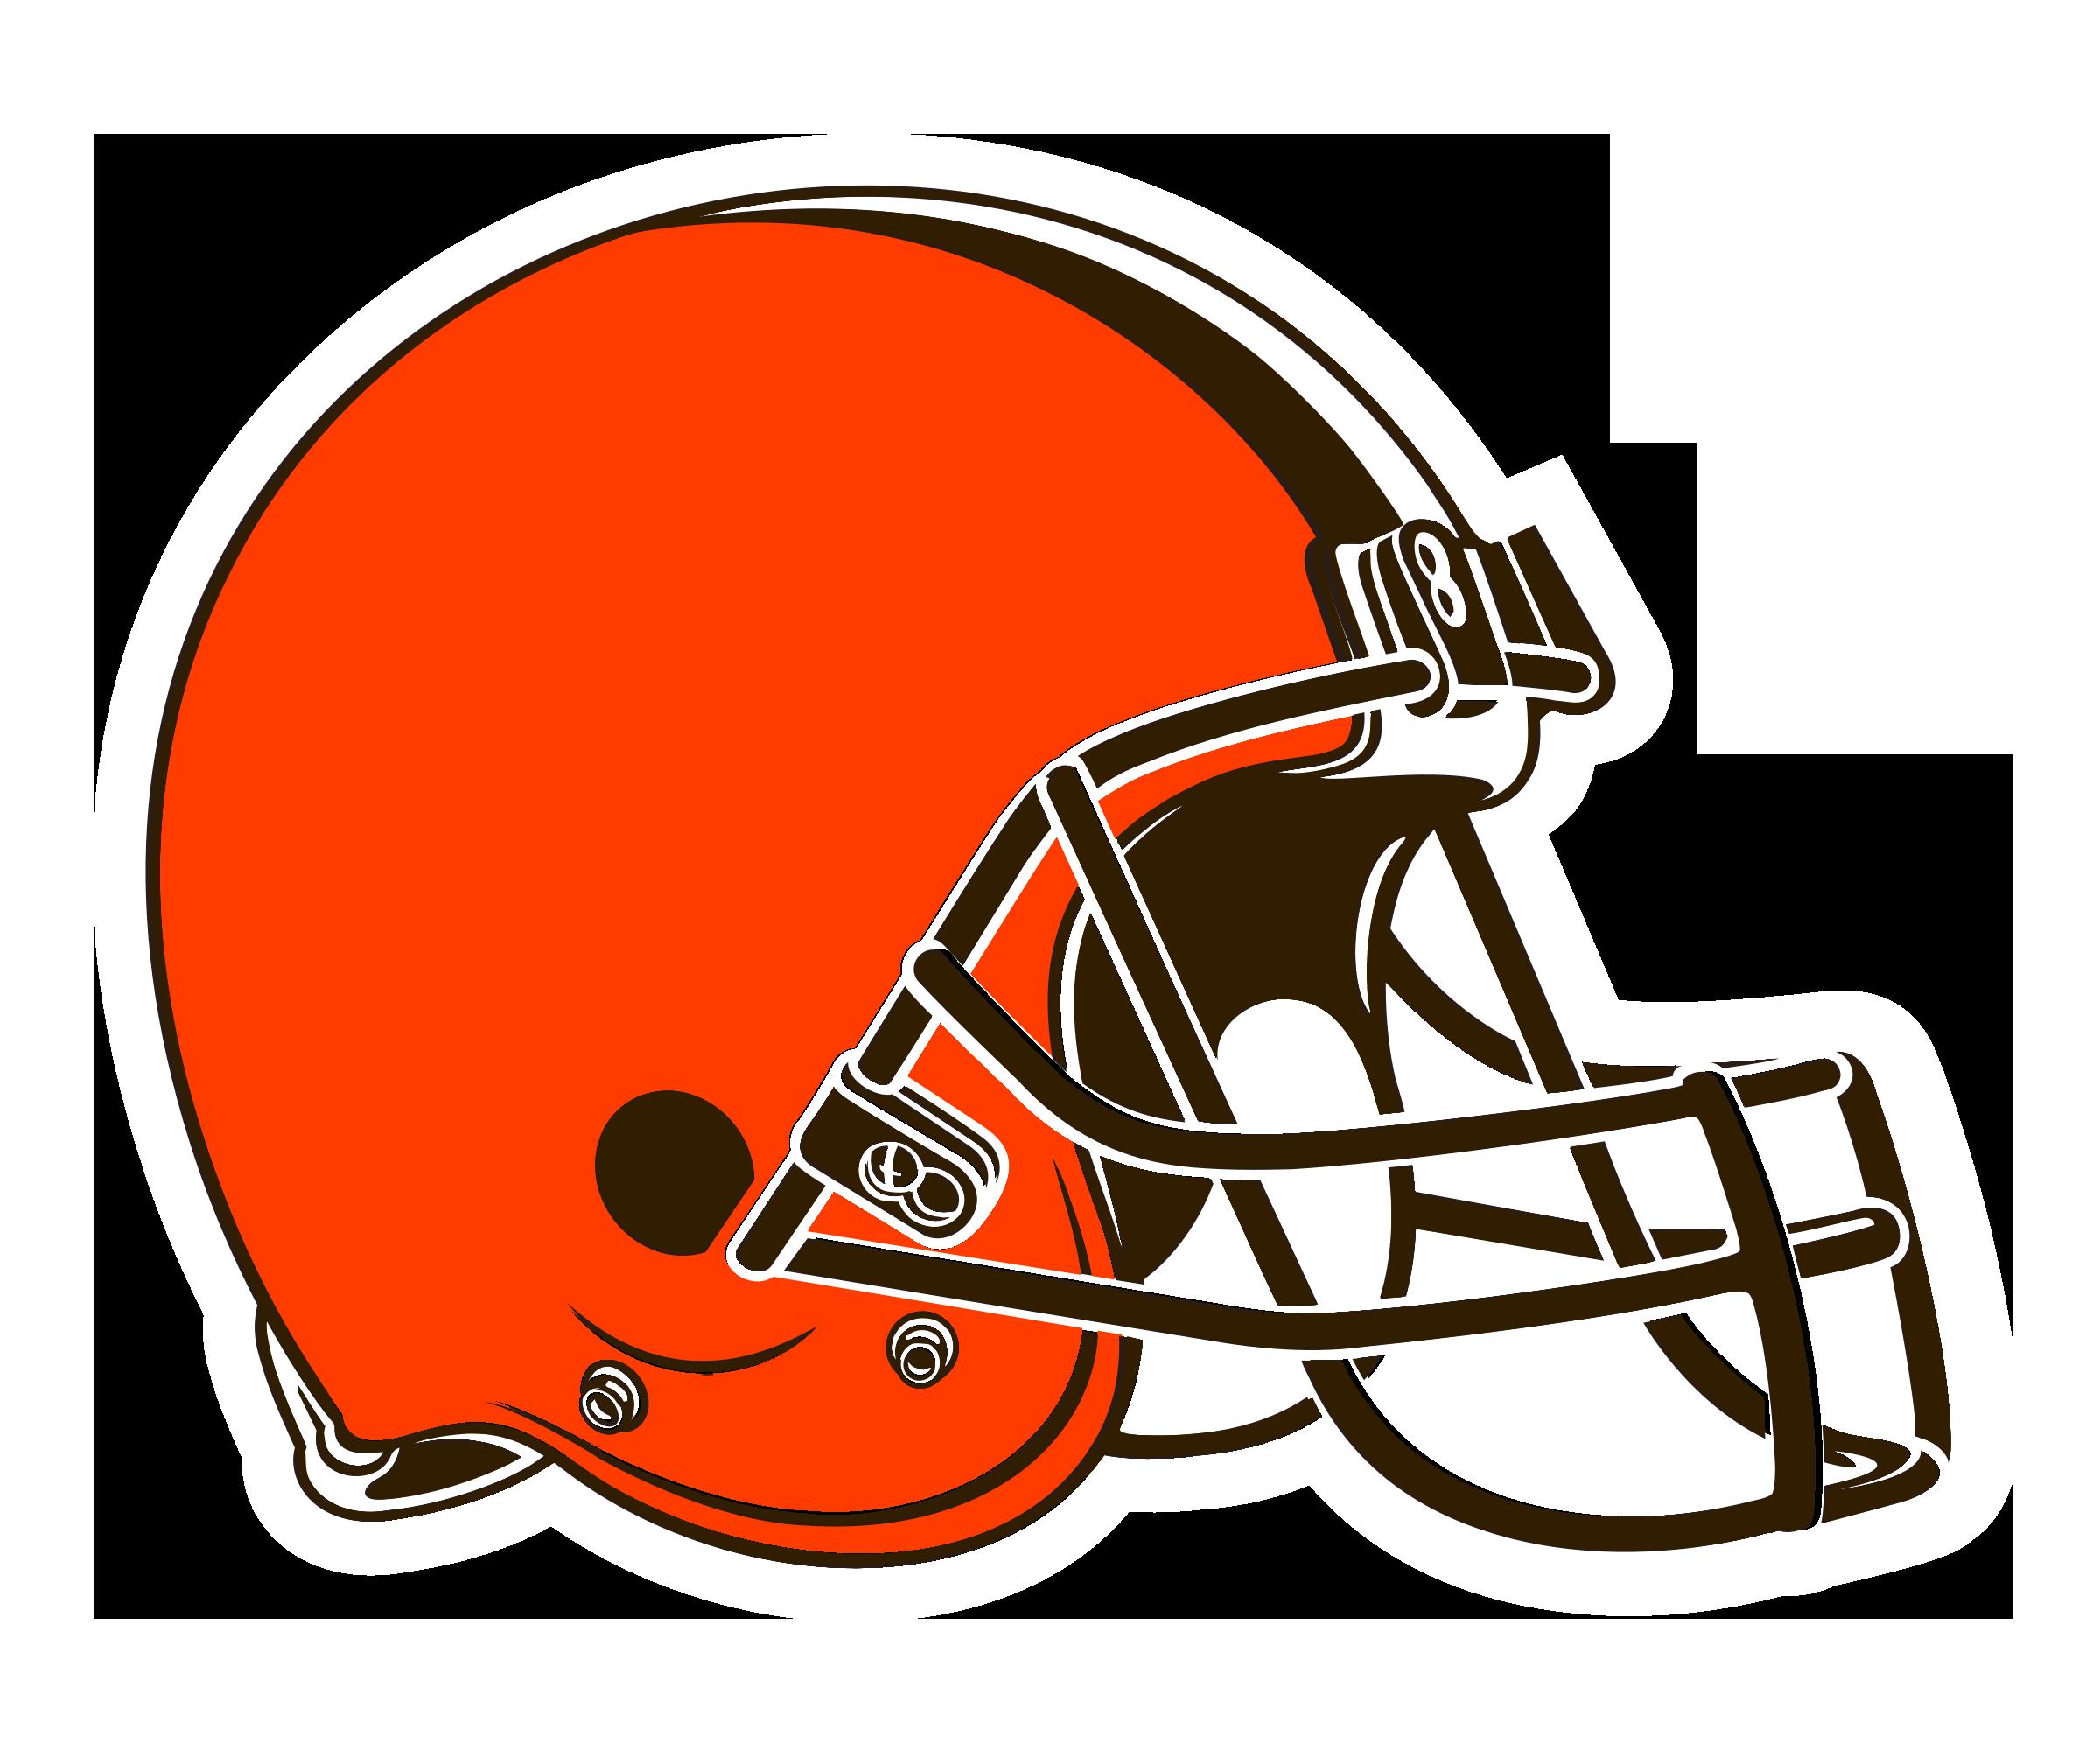 Cleveland Browns Logo PNG Transparent & SVG Vector.